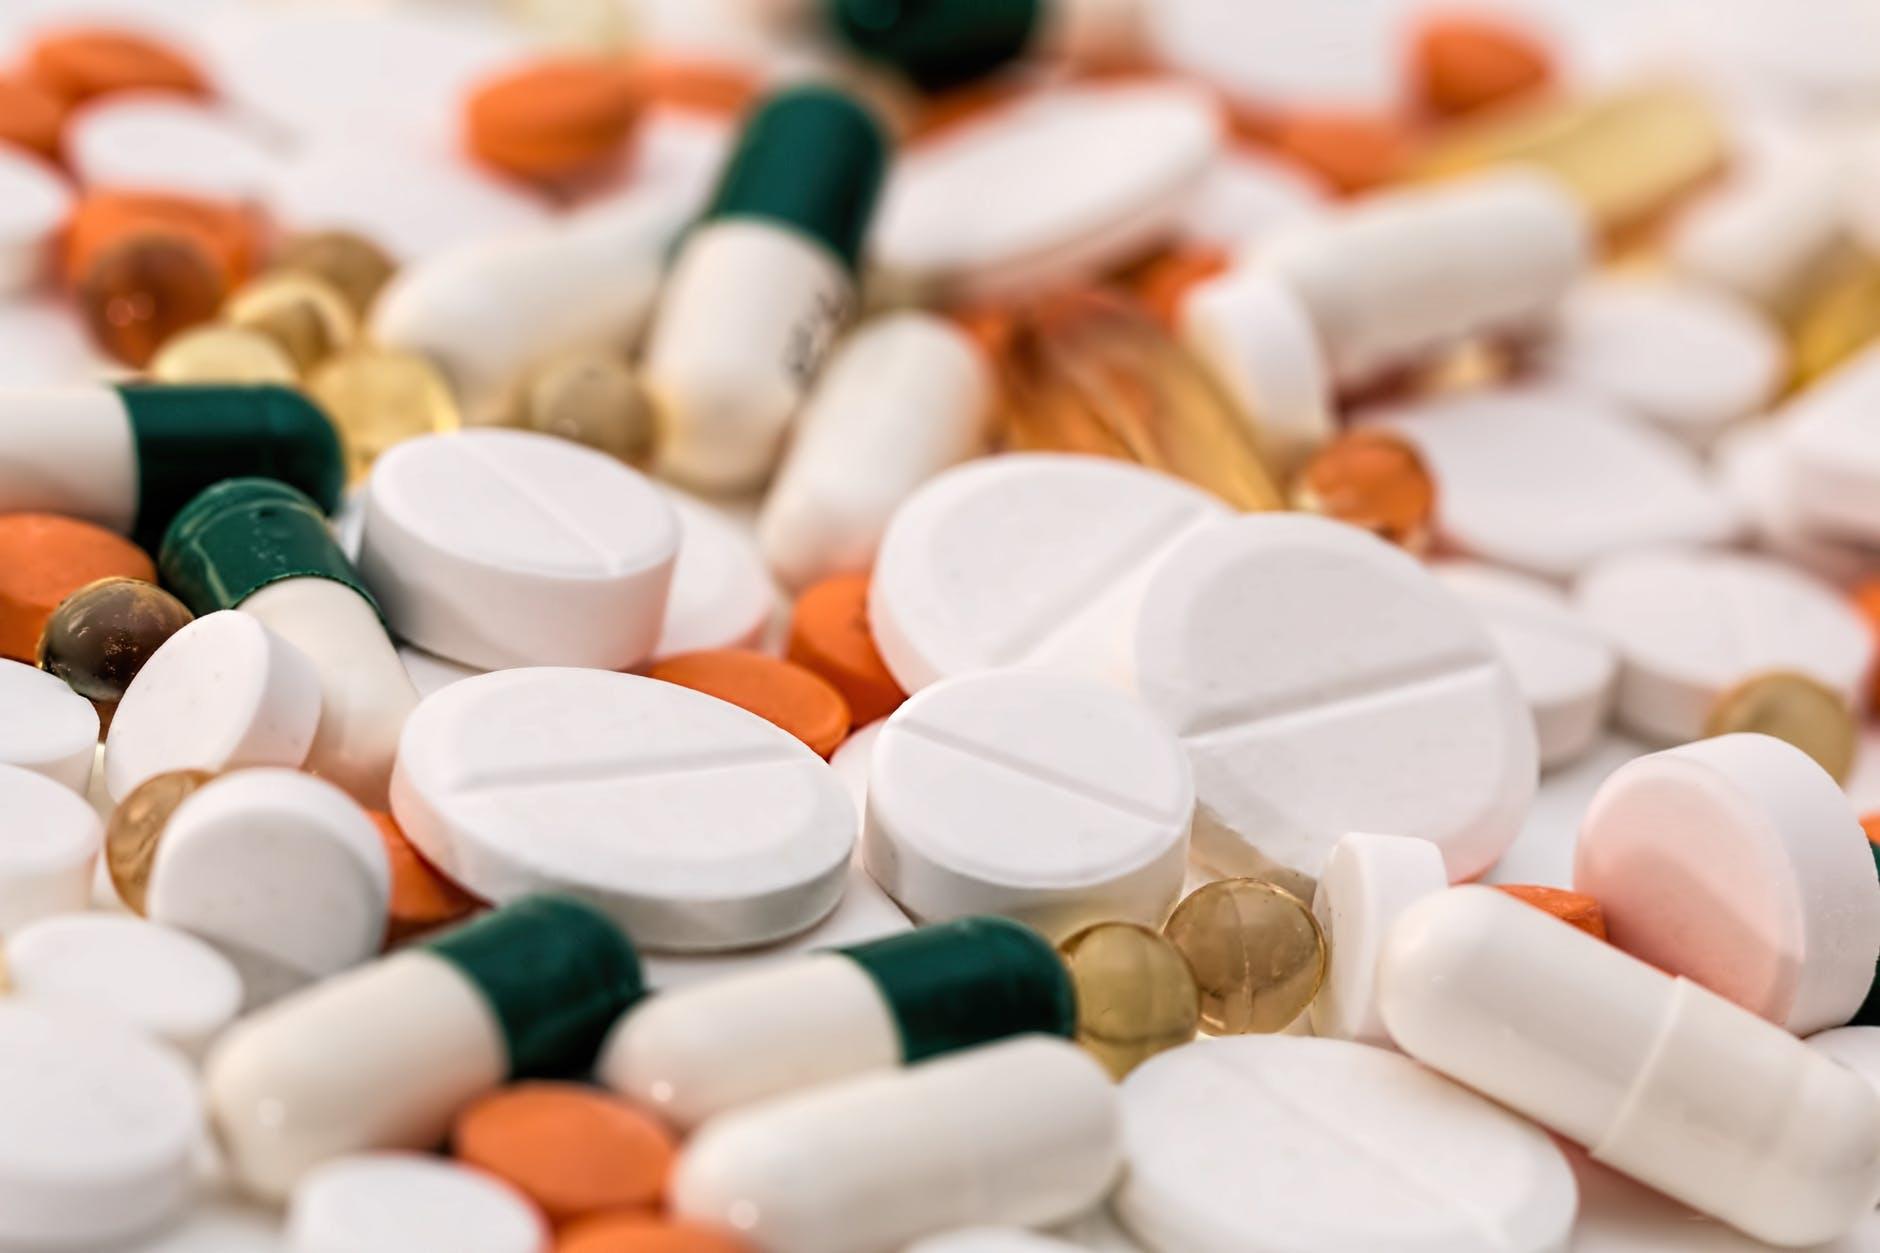 pildoras de vitaminas